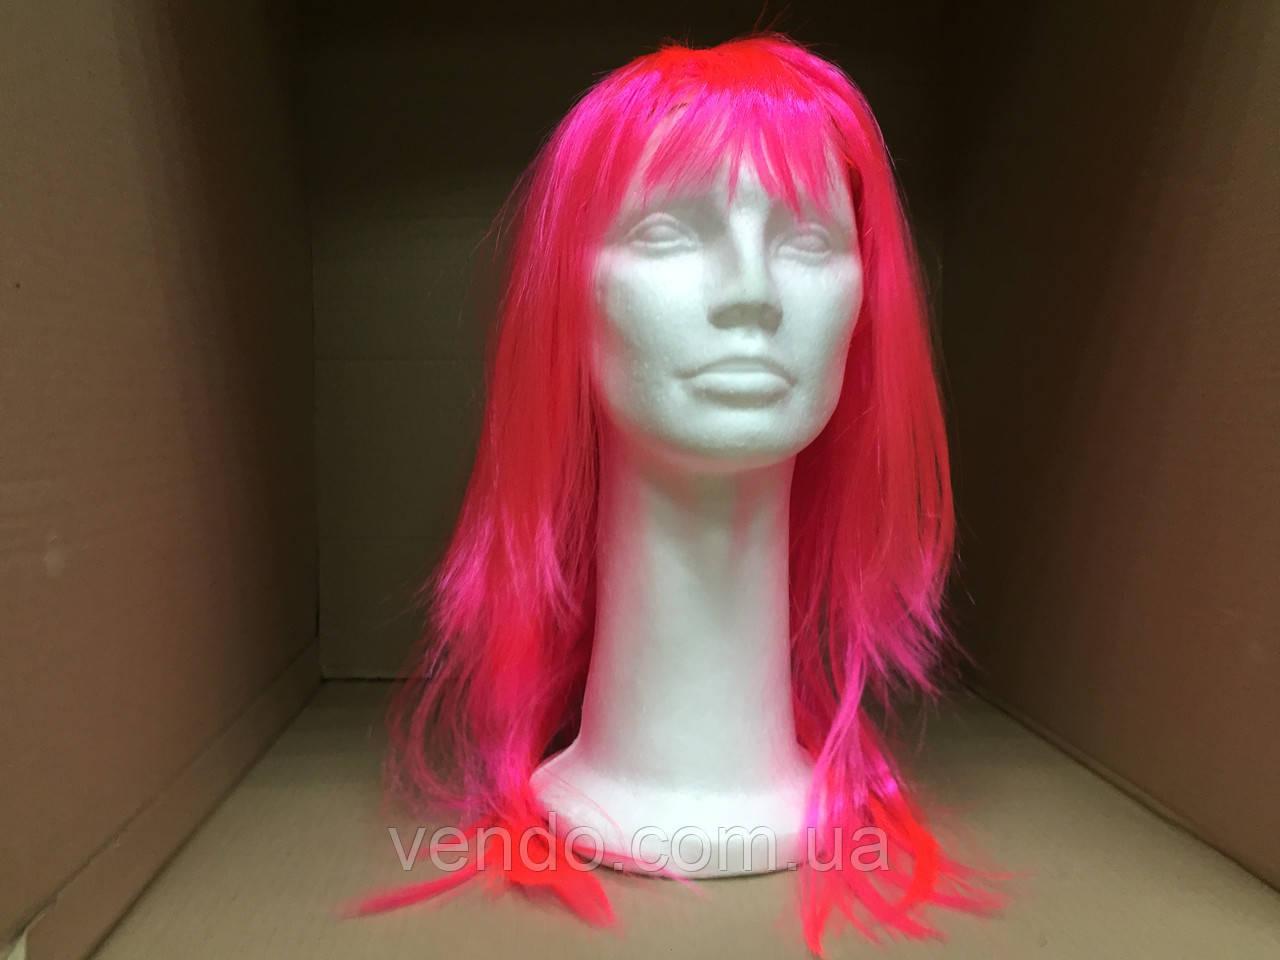 Парик  длинный ярко-розовый прямой 56 см